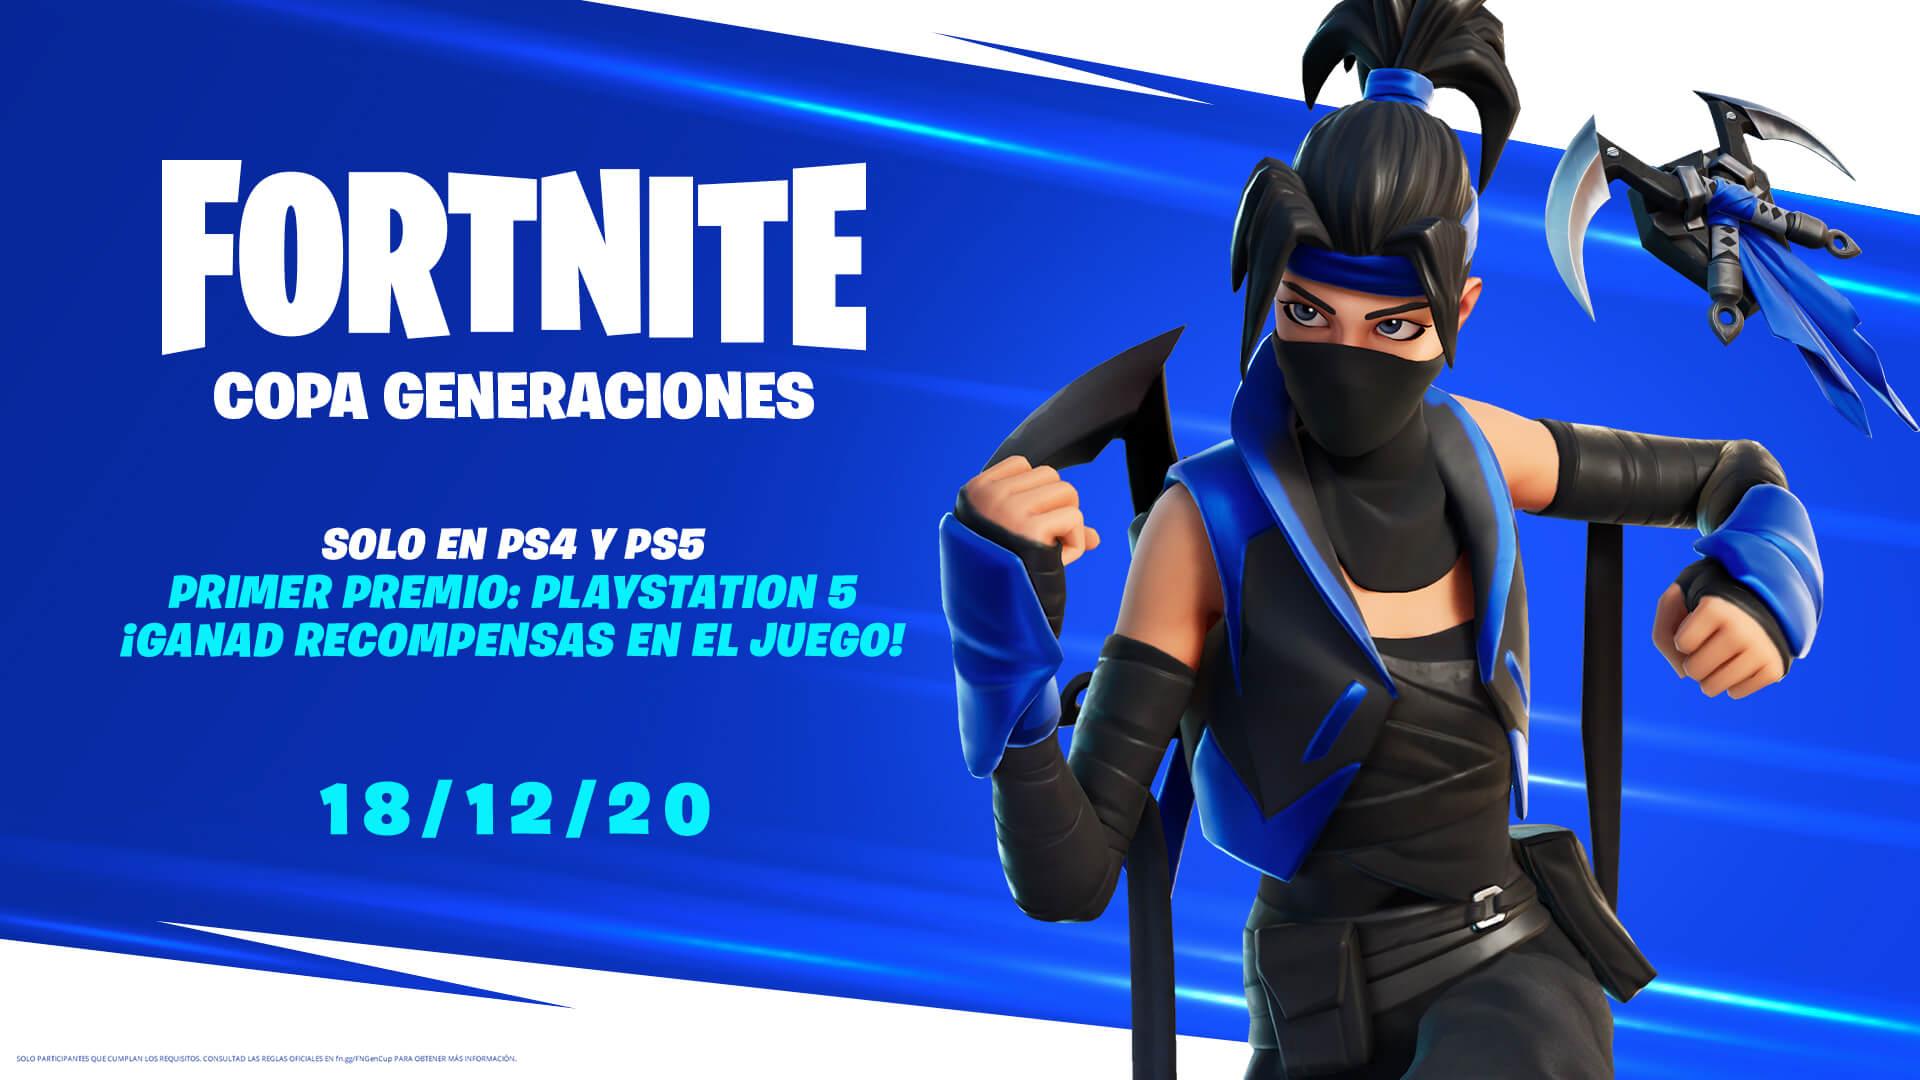 Playstation Servers Fortnite Copa Generaciones De Fortnite Solo En Ps4 Ps5